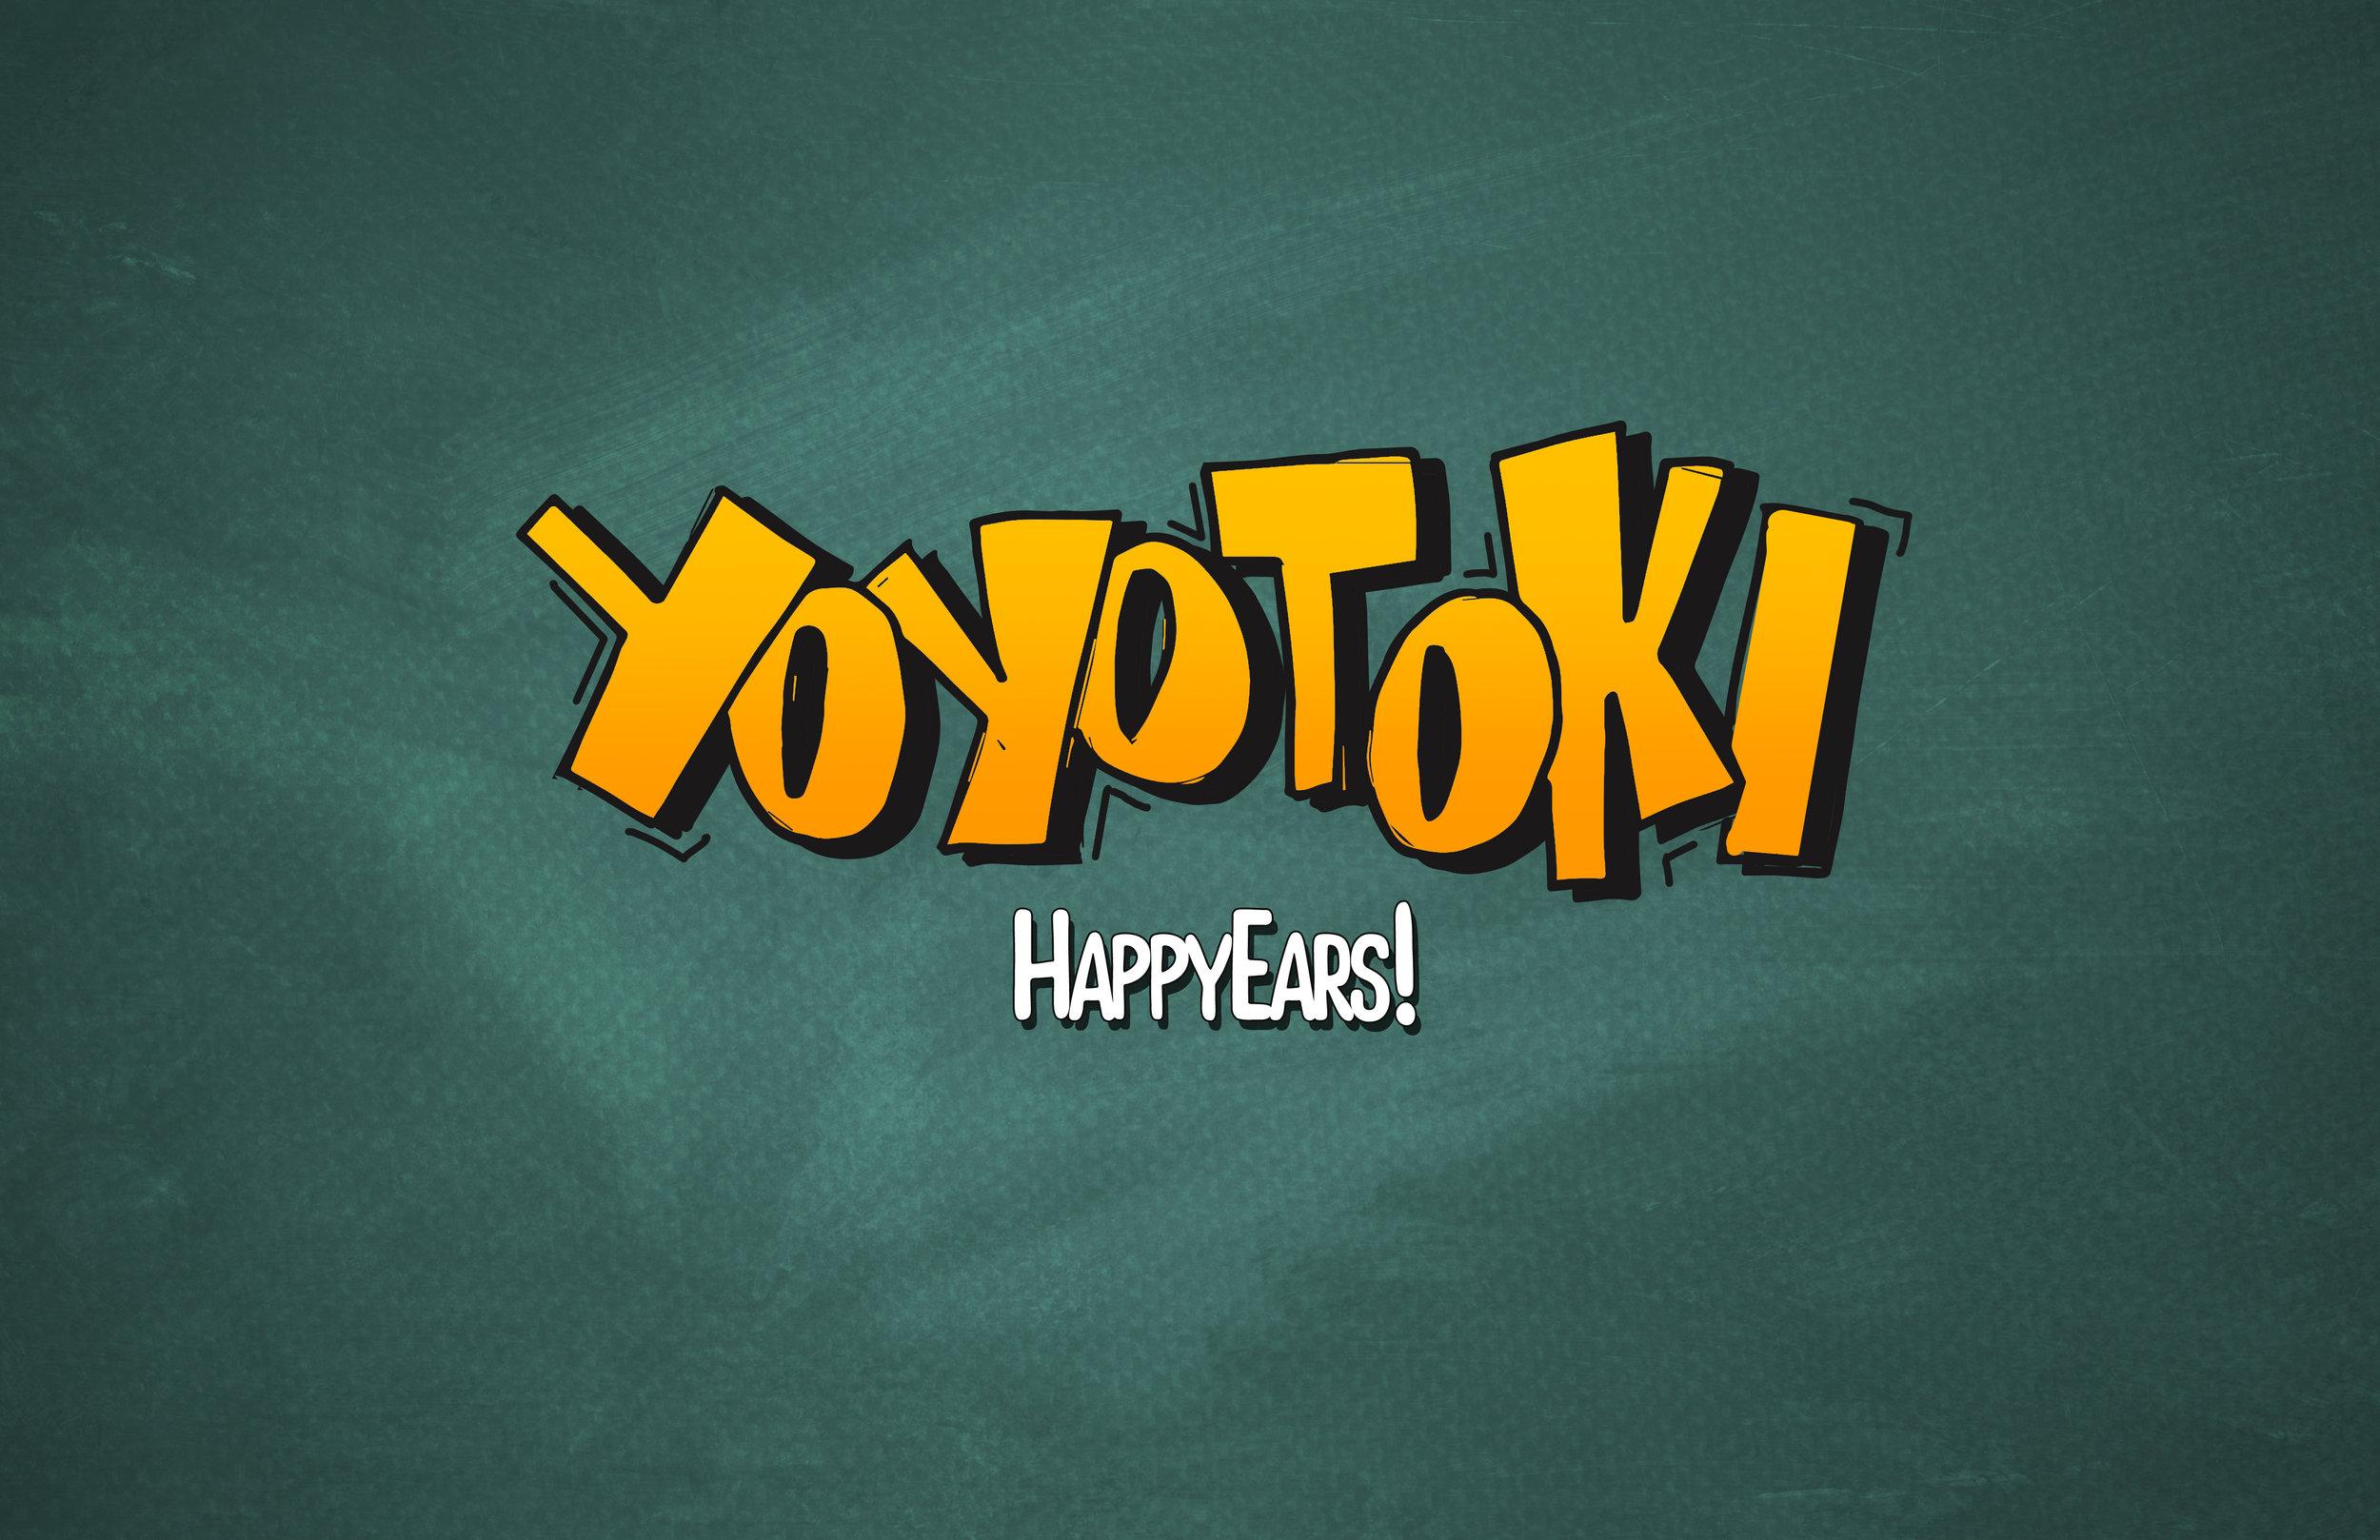 YOYO_LOGO_R1_AR4.jpg